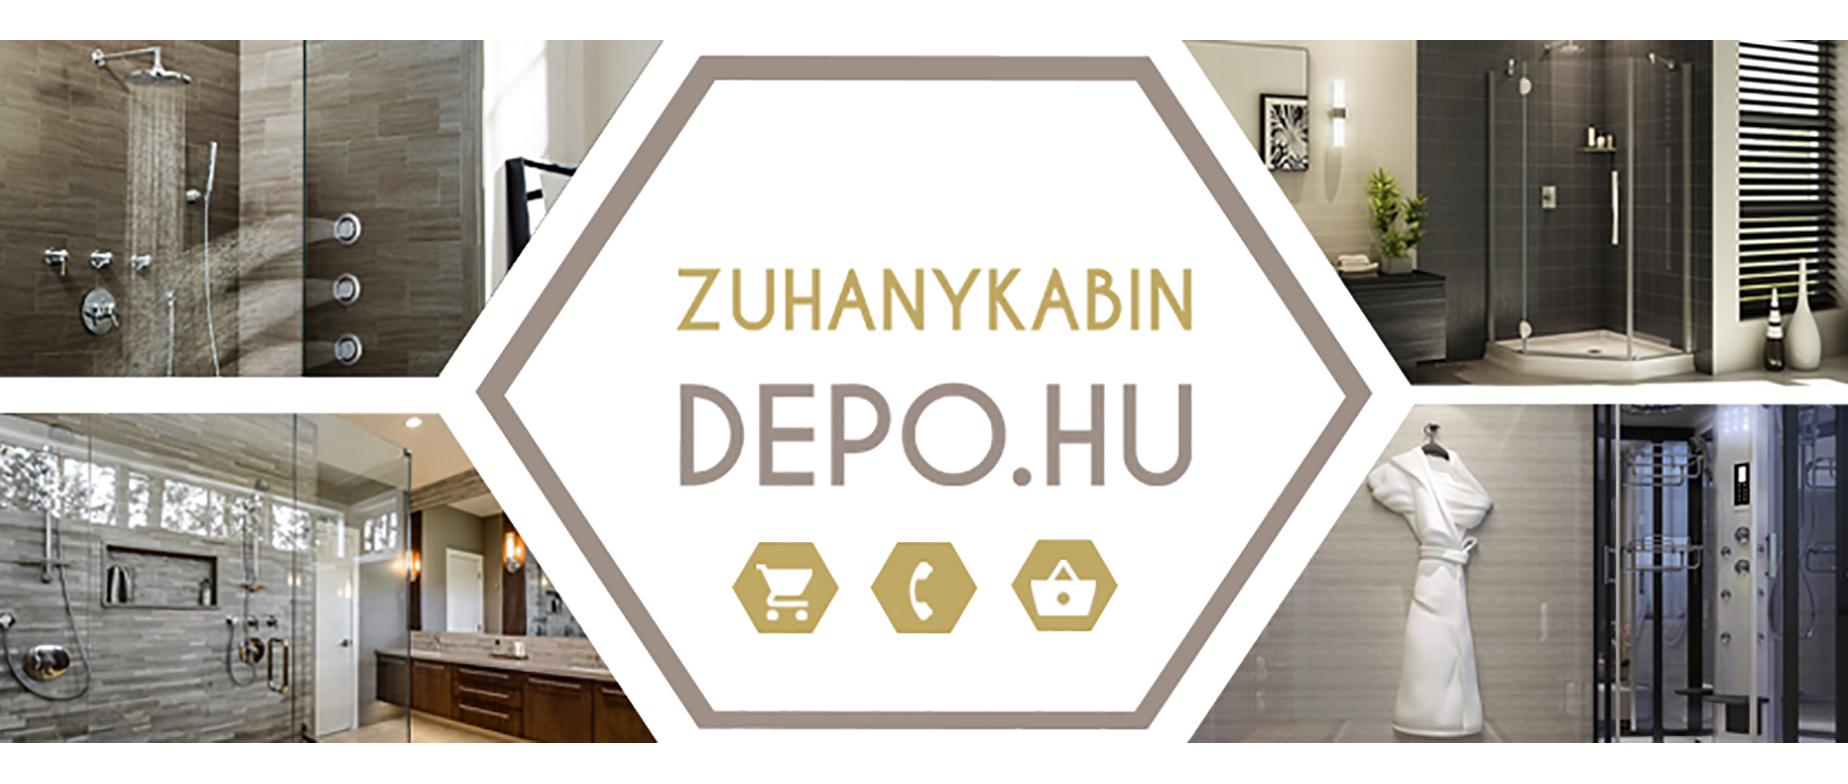 Zuhanykabin Depo webáruház ajándékkártya